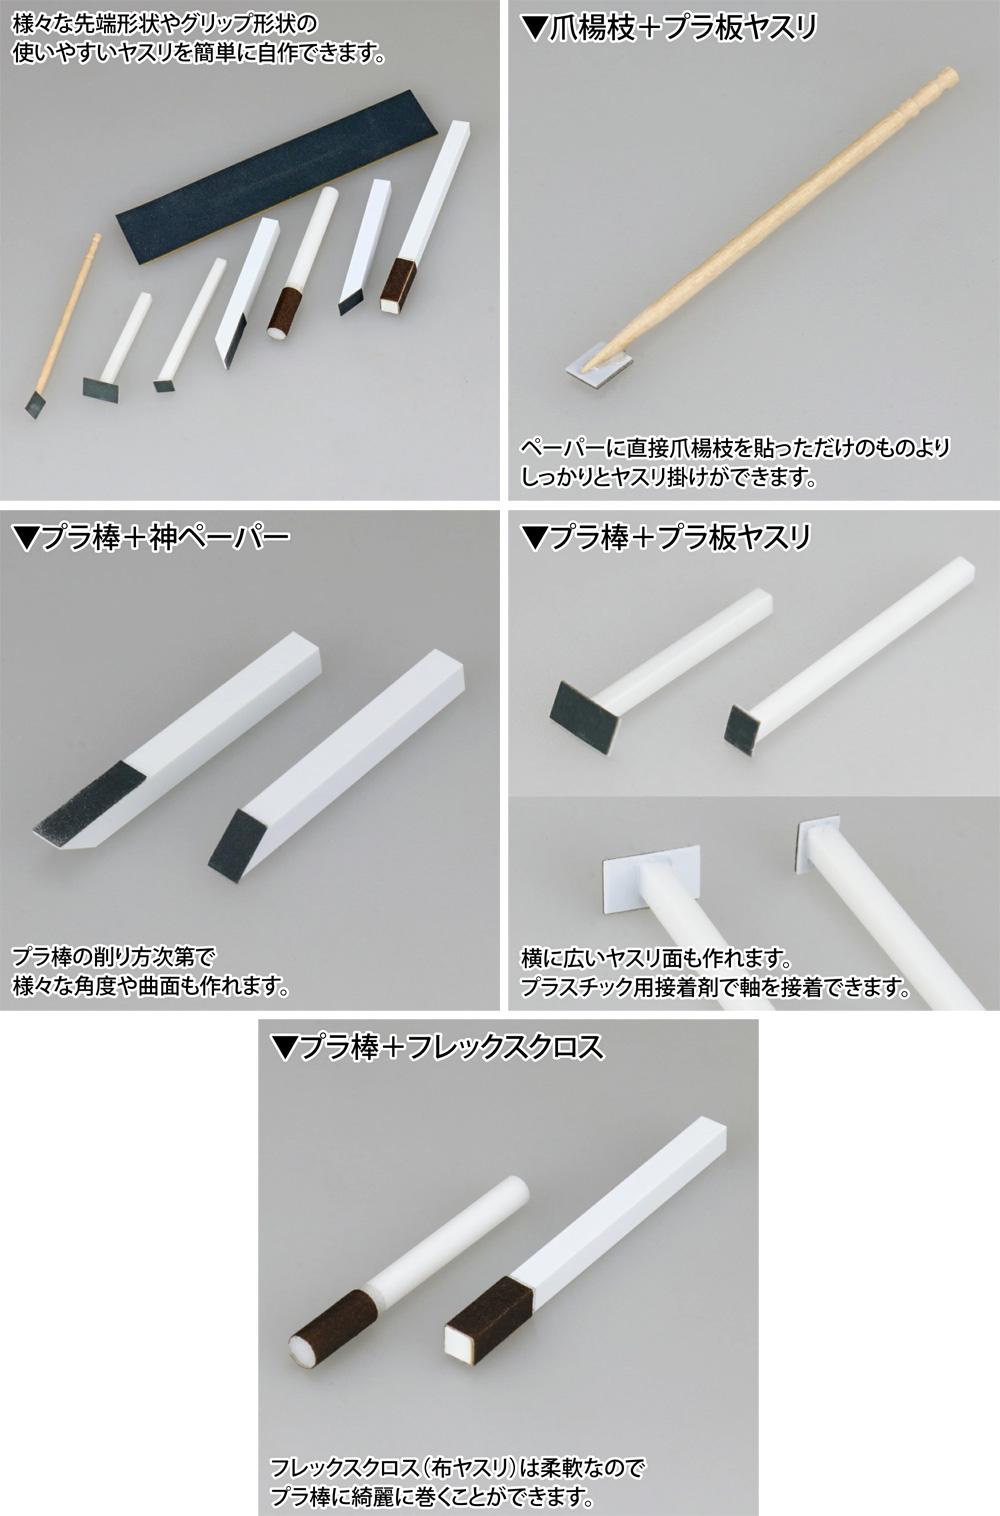 プラバン用 強力両面テープ両面テープ(ゴッドハンド模型工具No.GH-DST-20)商品画像_4